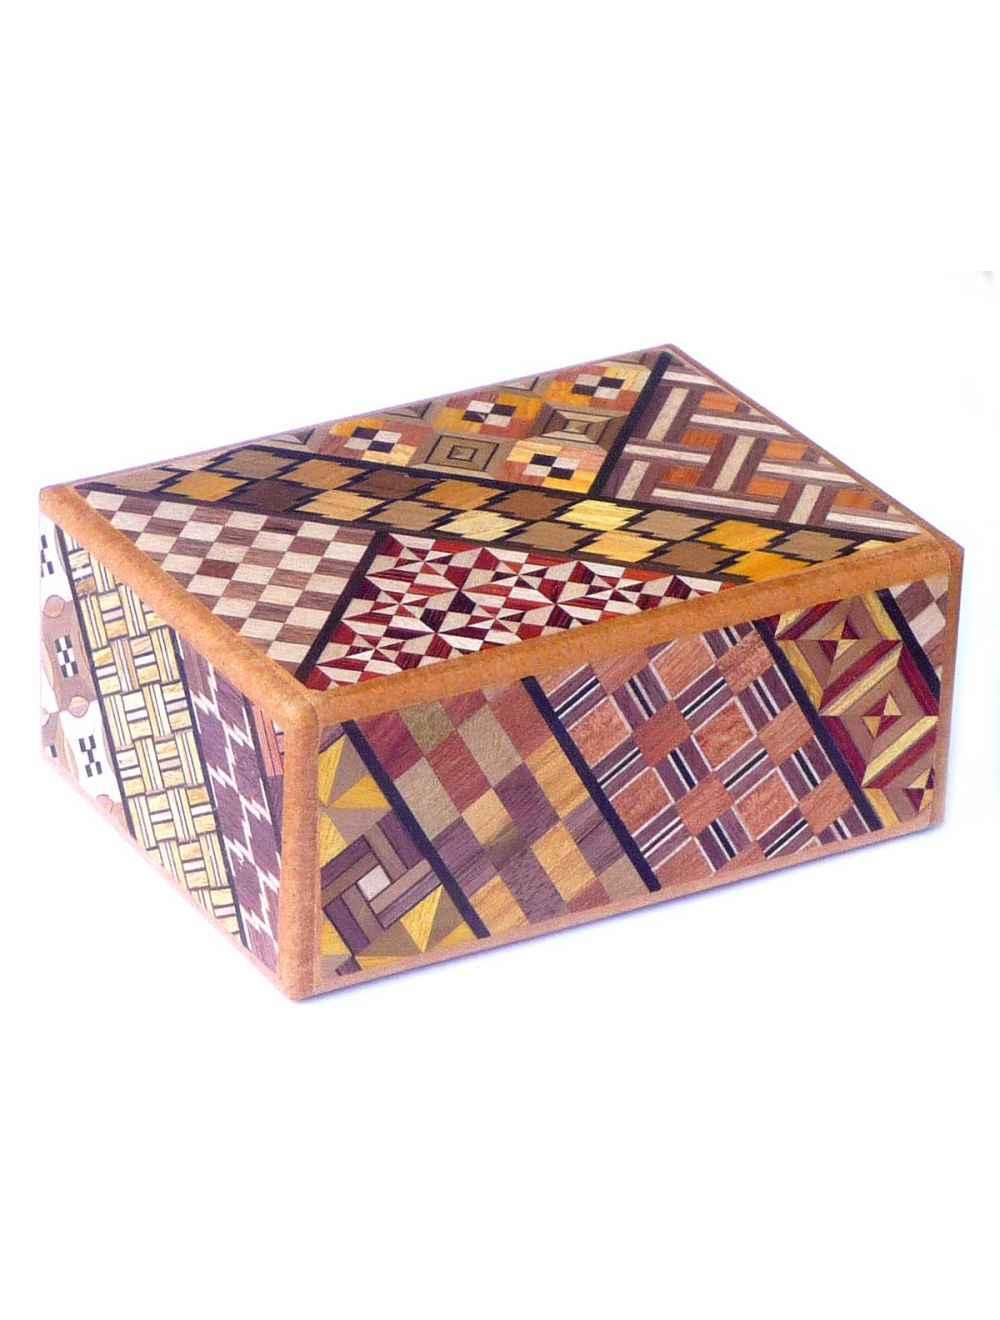 YOSEGI BOX - 4 STEPS